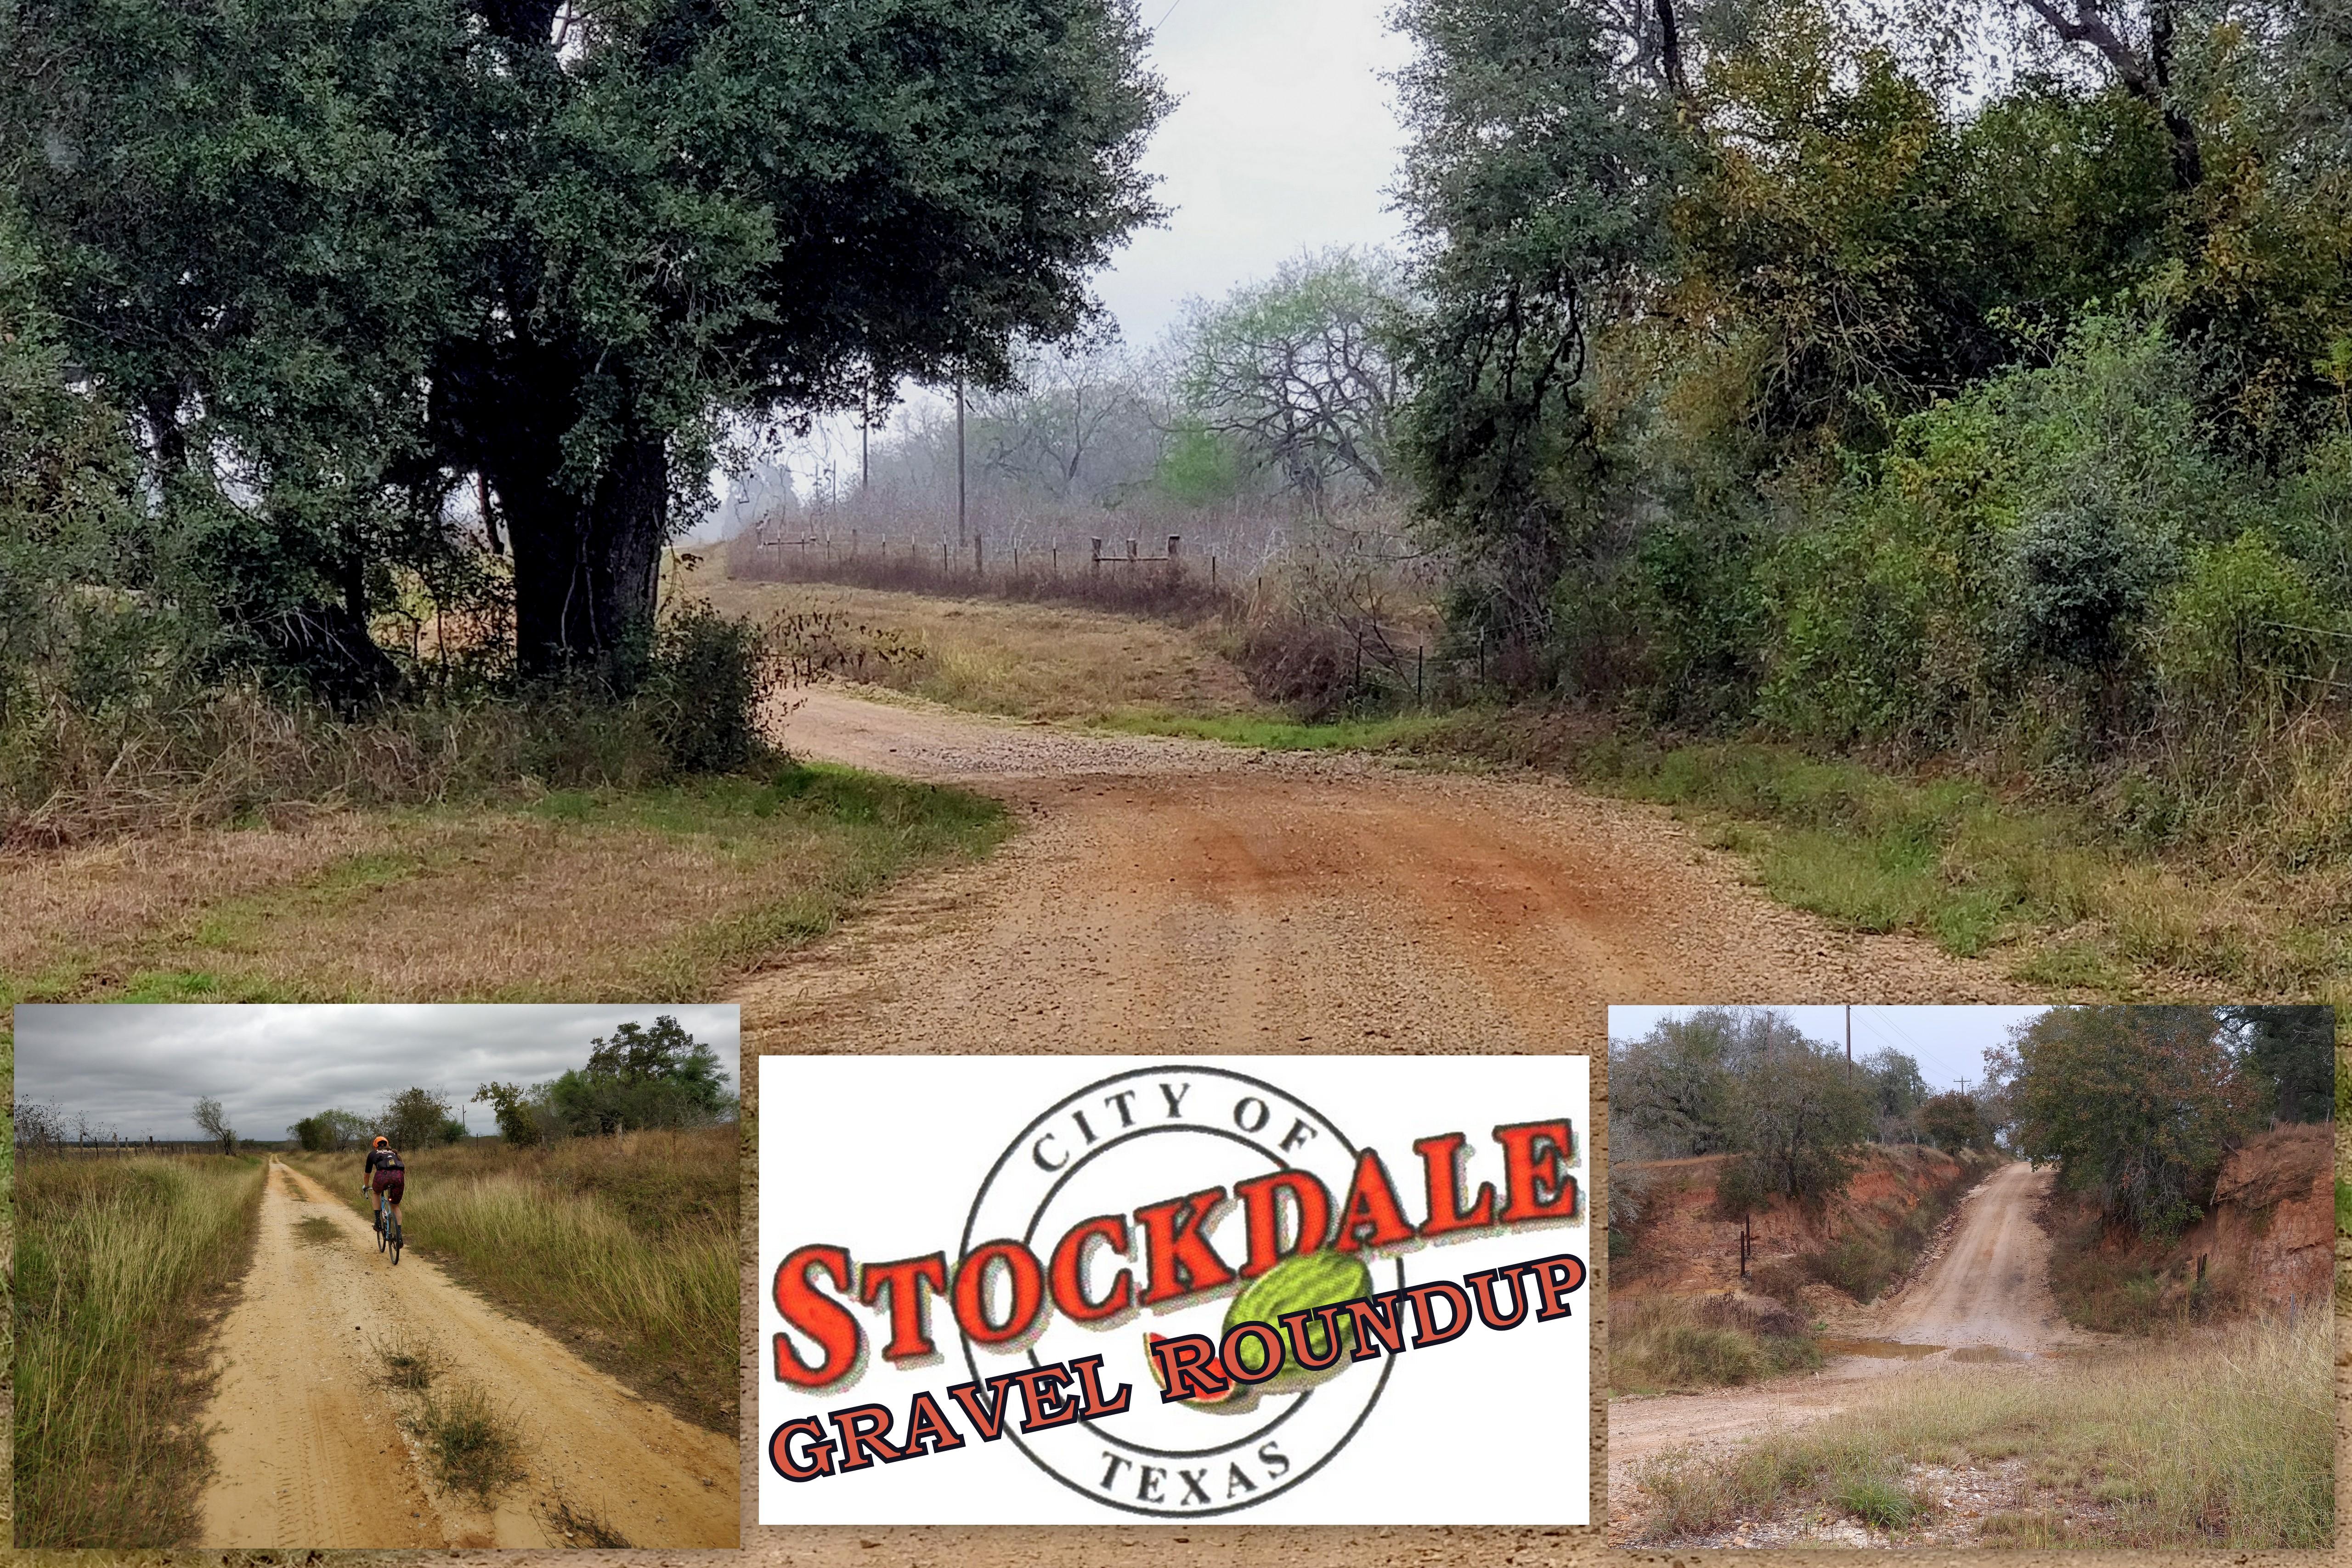 Stockdale Gravel Roundup